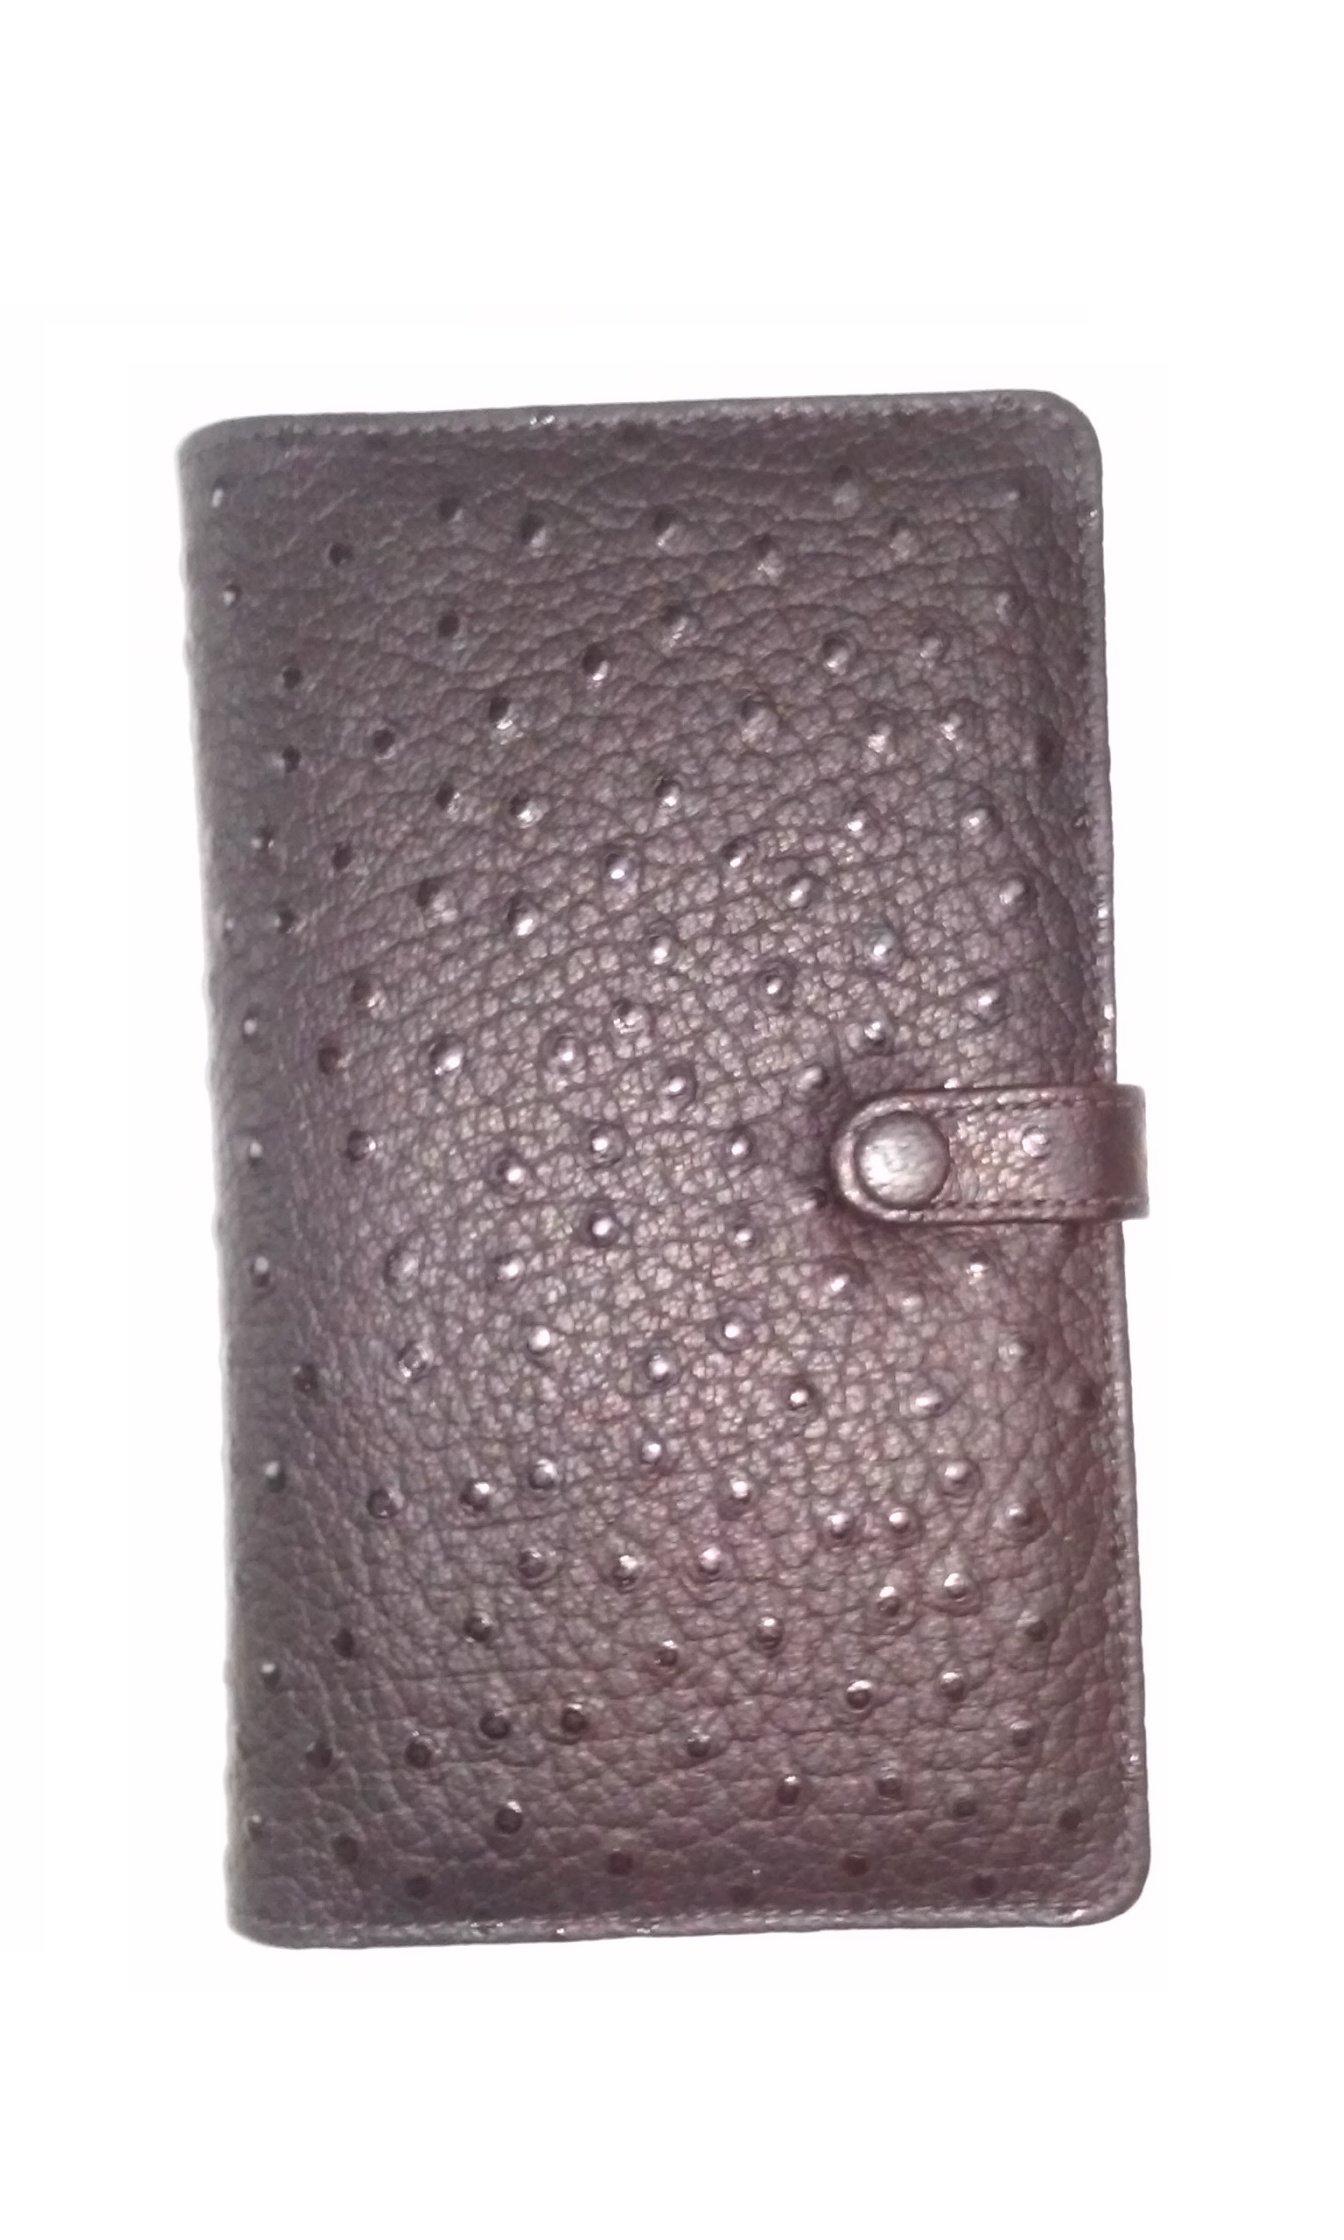 DayRunner 04231 Personal Organizer Ostrich Leather 3 1/4'' x 6 /8'' Black